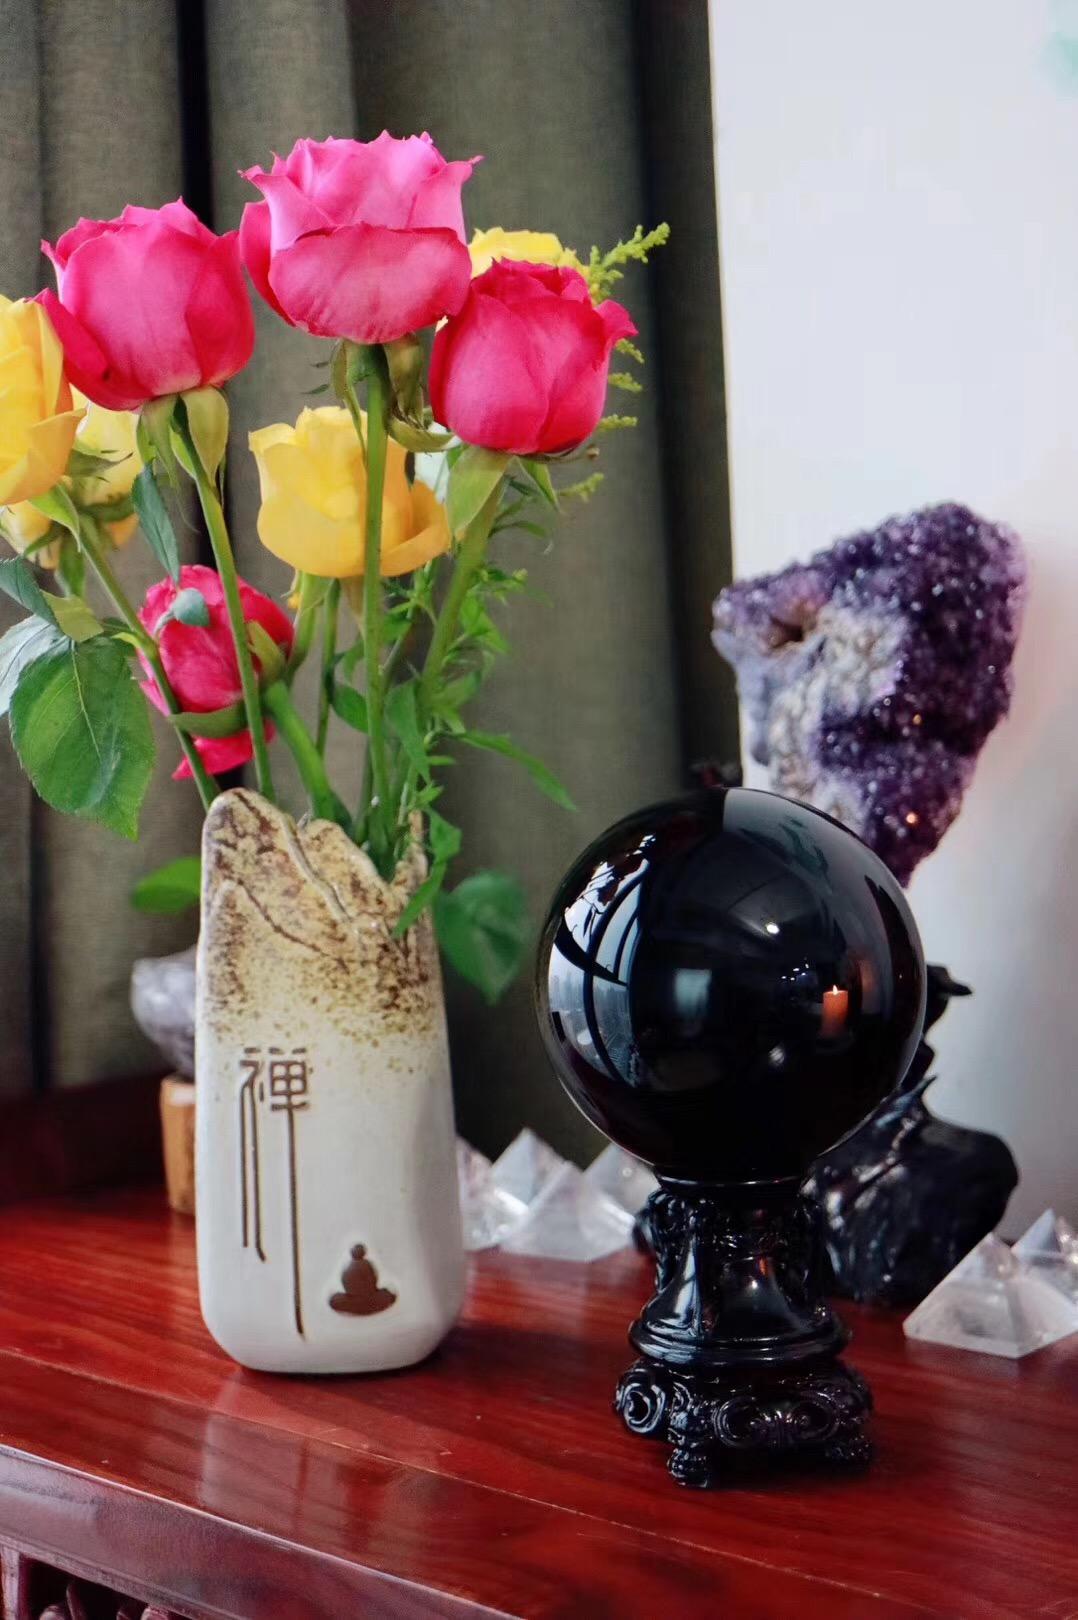 【黑曜石球】黑曜石是排除负性能量最强的水晶之一-菩心晶舍